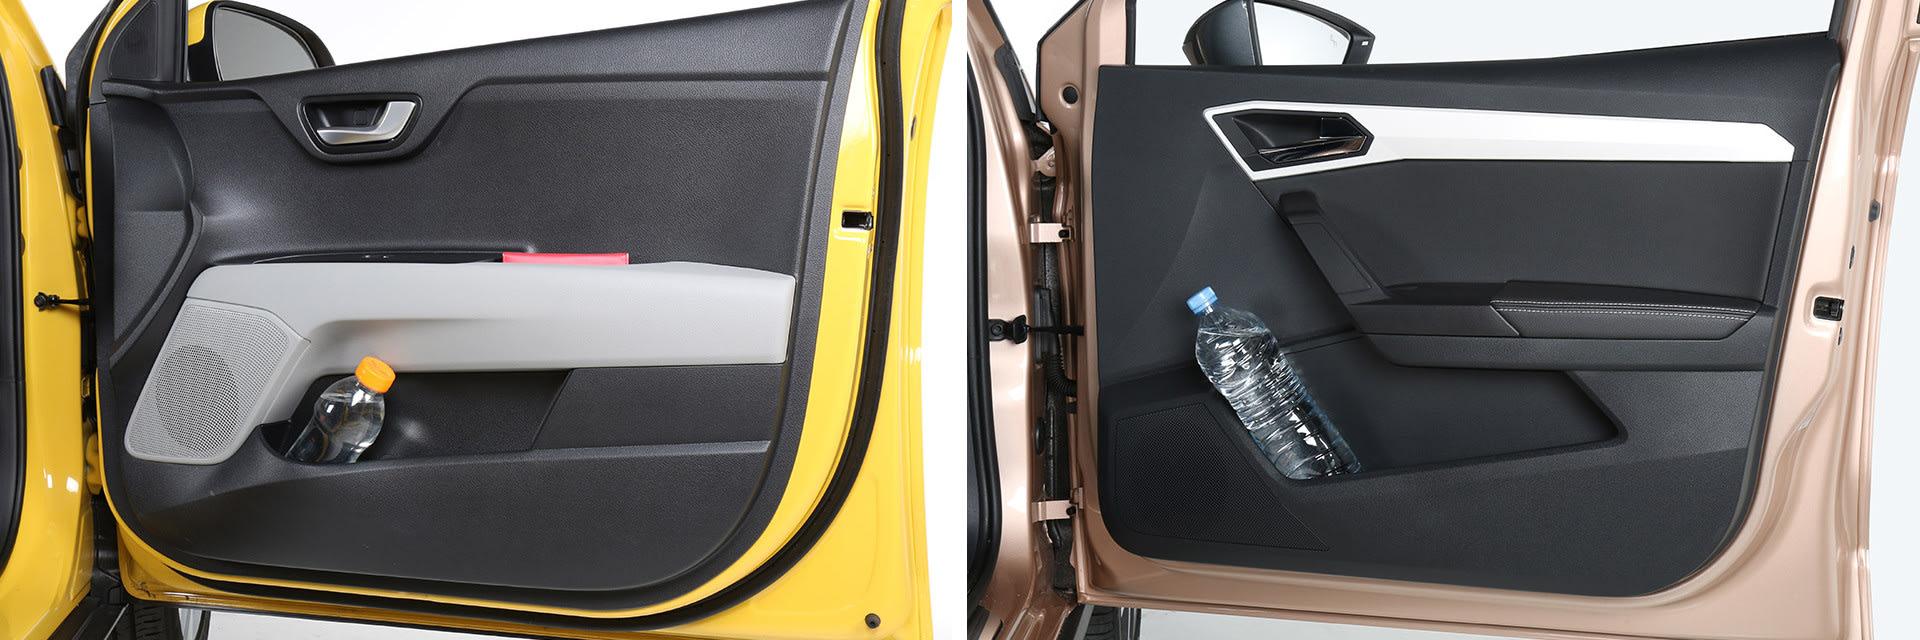 Ambos coches tiene repartidos por el interior una gran cantidad de huecos para almacenar distintos objetos como pueden ser botellas de aguda, las llaves, el móvil o la cartera.